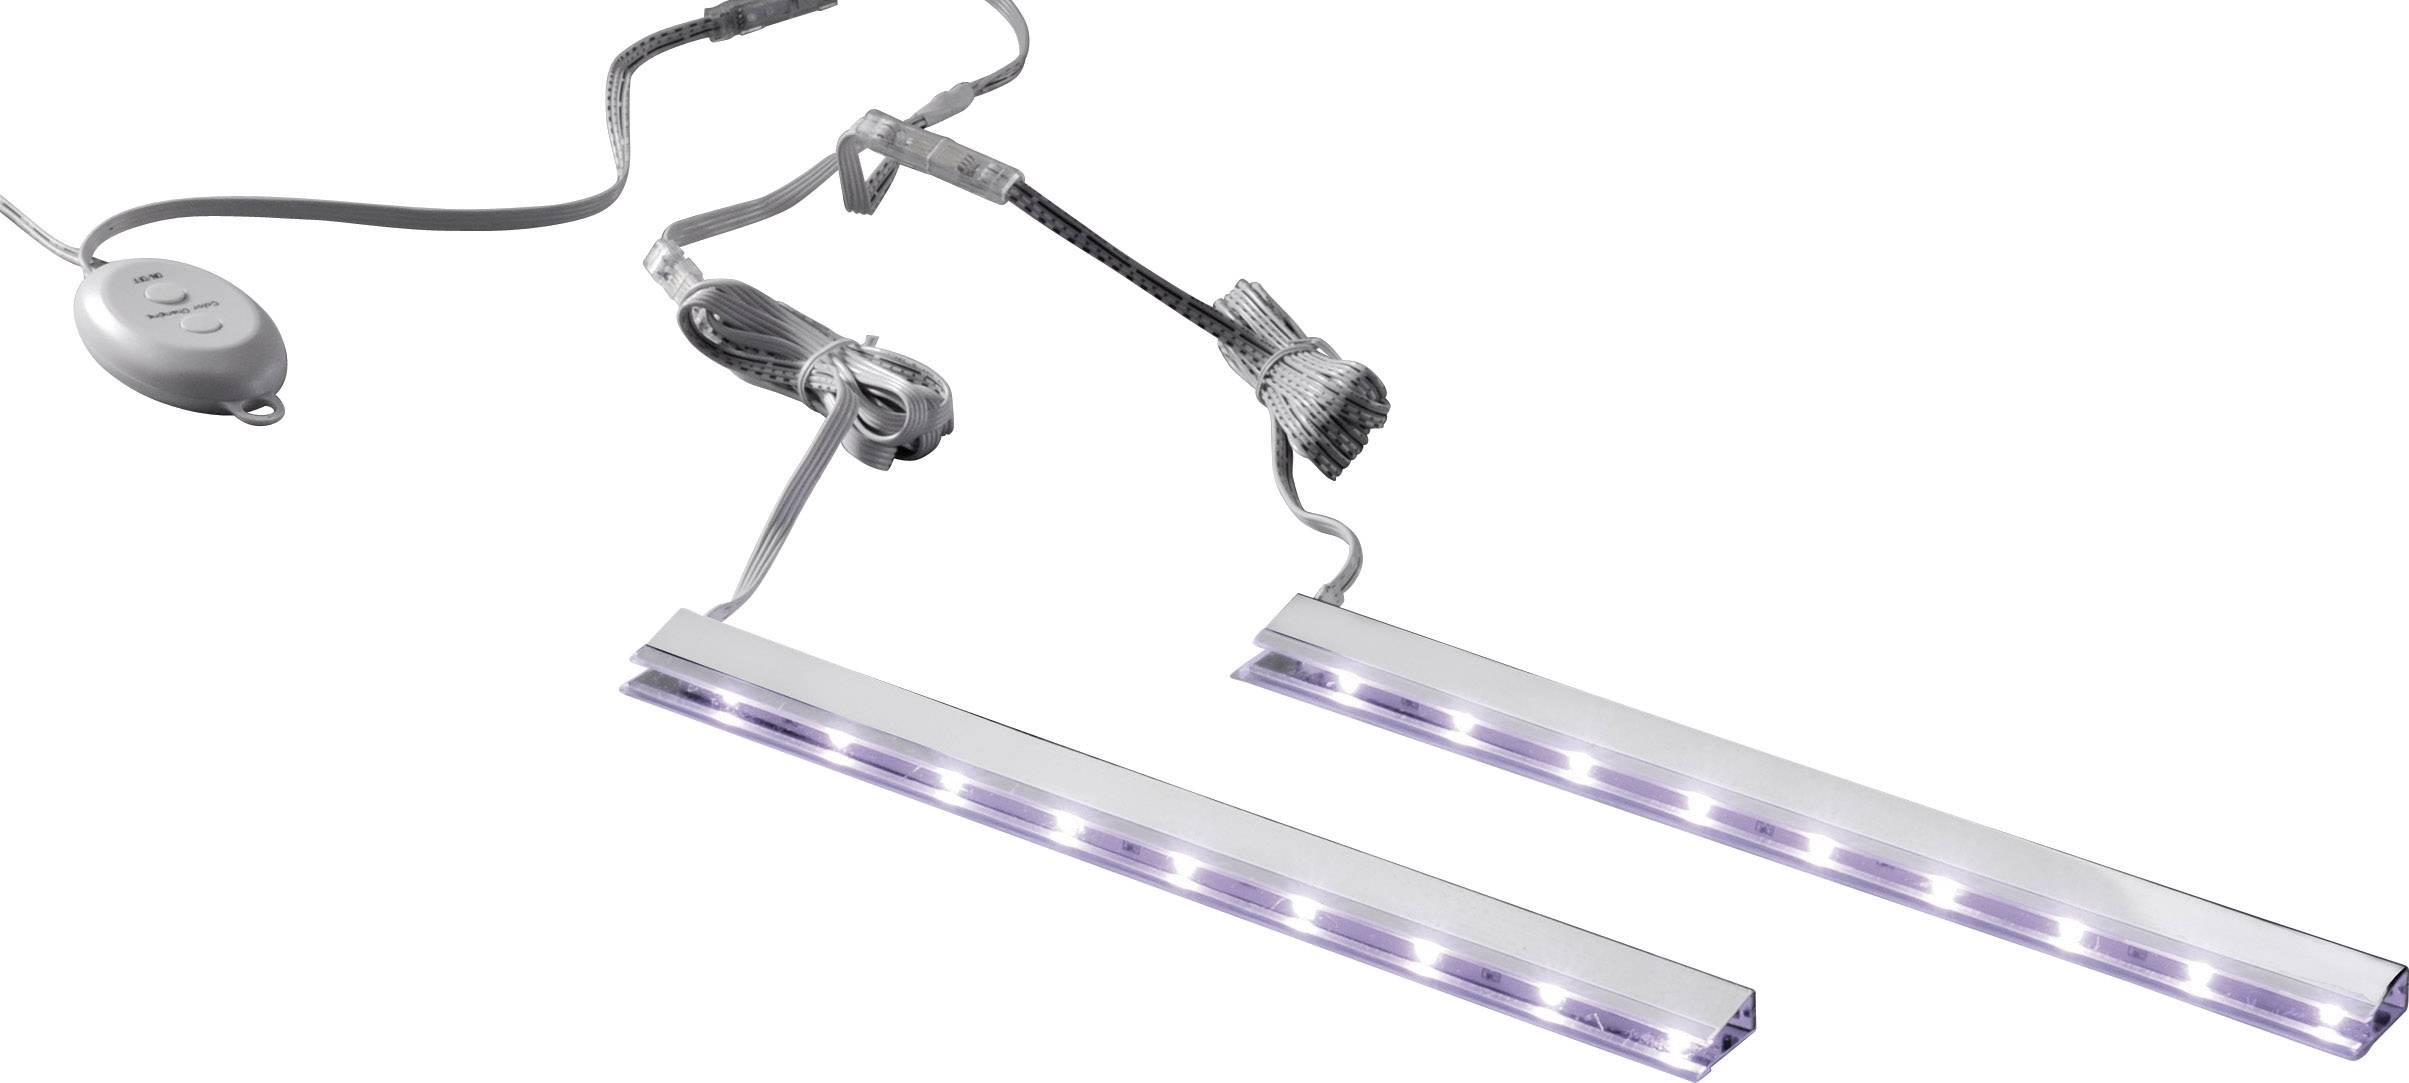 Fonkelnieuw LED-clips verlichting voor glazen schappen, set van 2 stuks, RGB AD-34